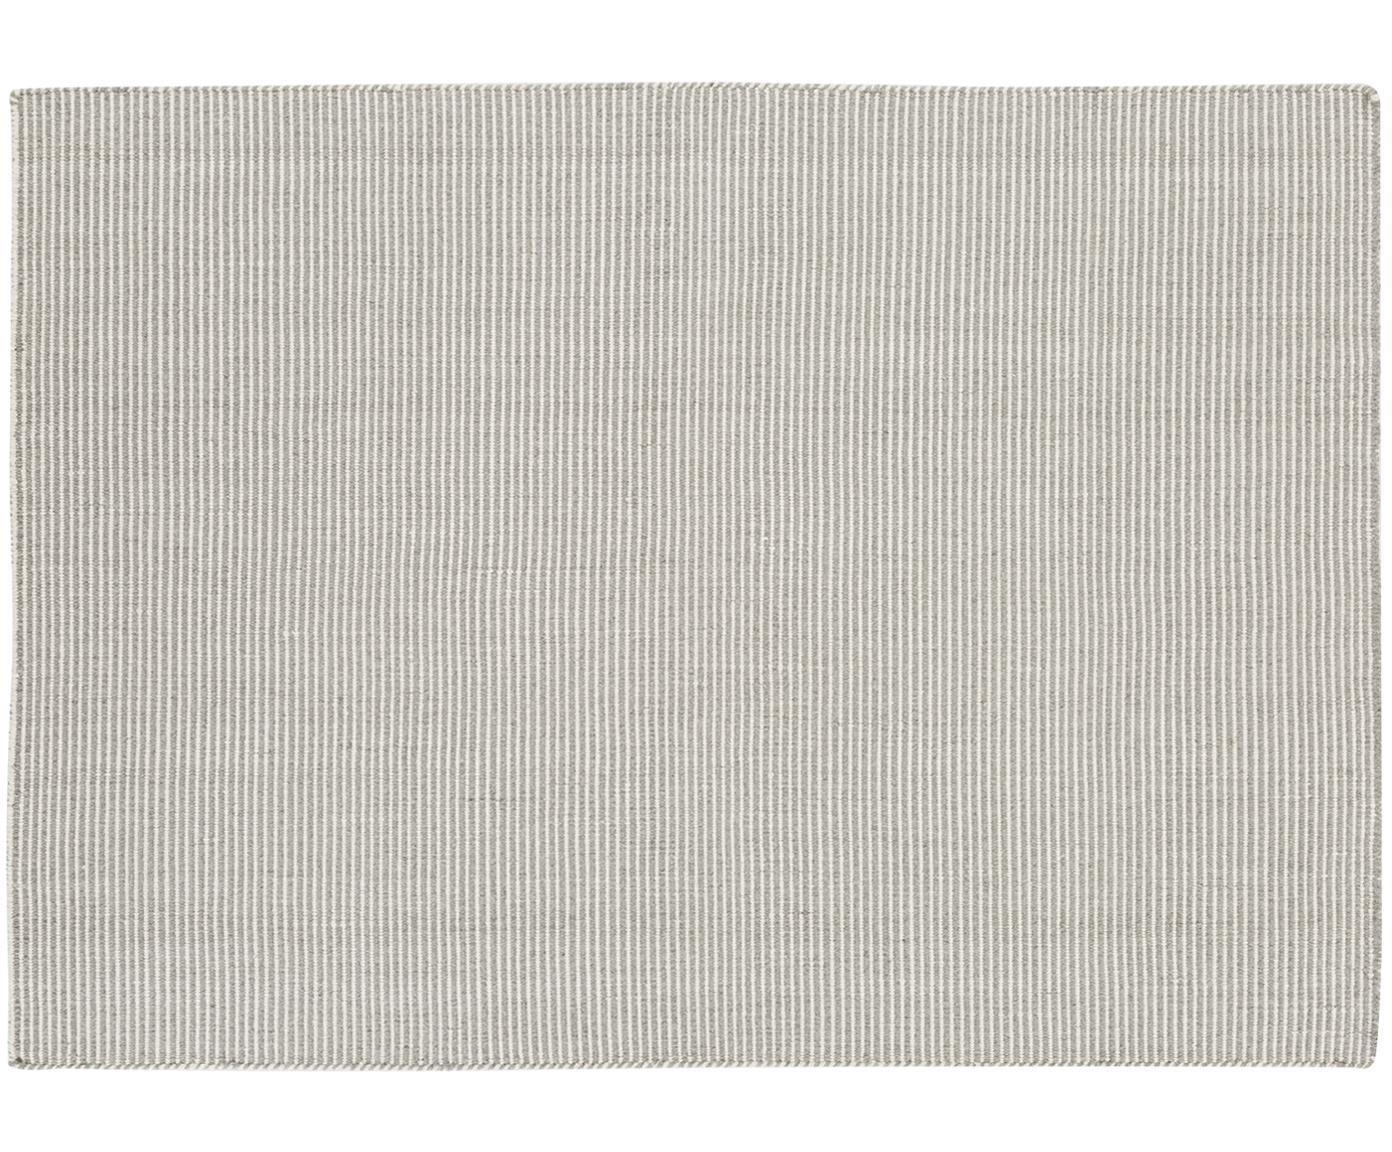 Fijn gestreepte wollen vloerkleed Ajo in grijs-crèmekleur, handgeweven, Lichtgrijs, crèmekleurig, 140 x 200 cm